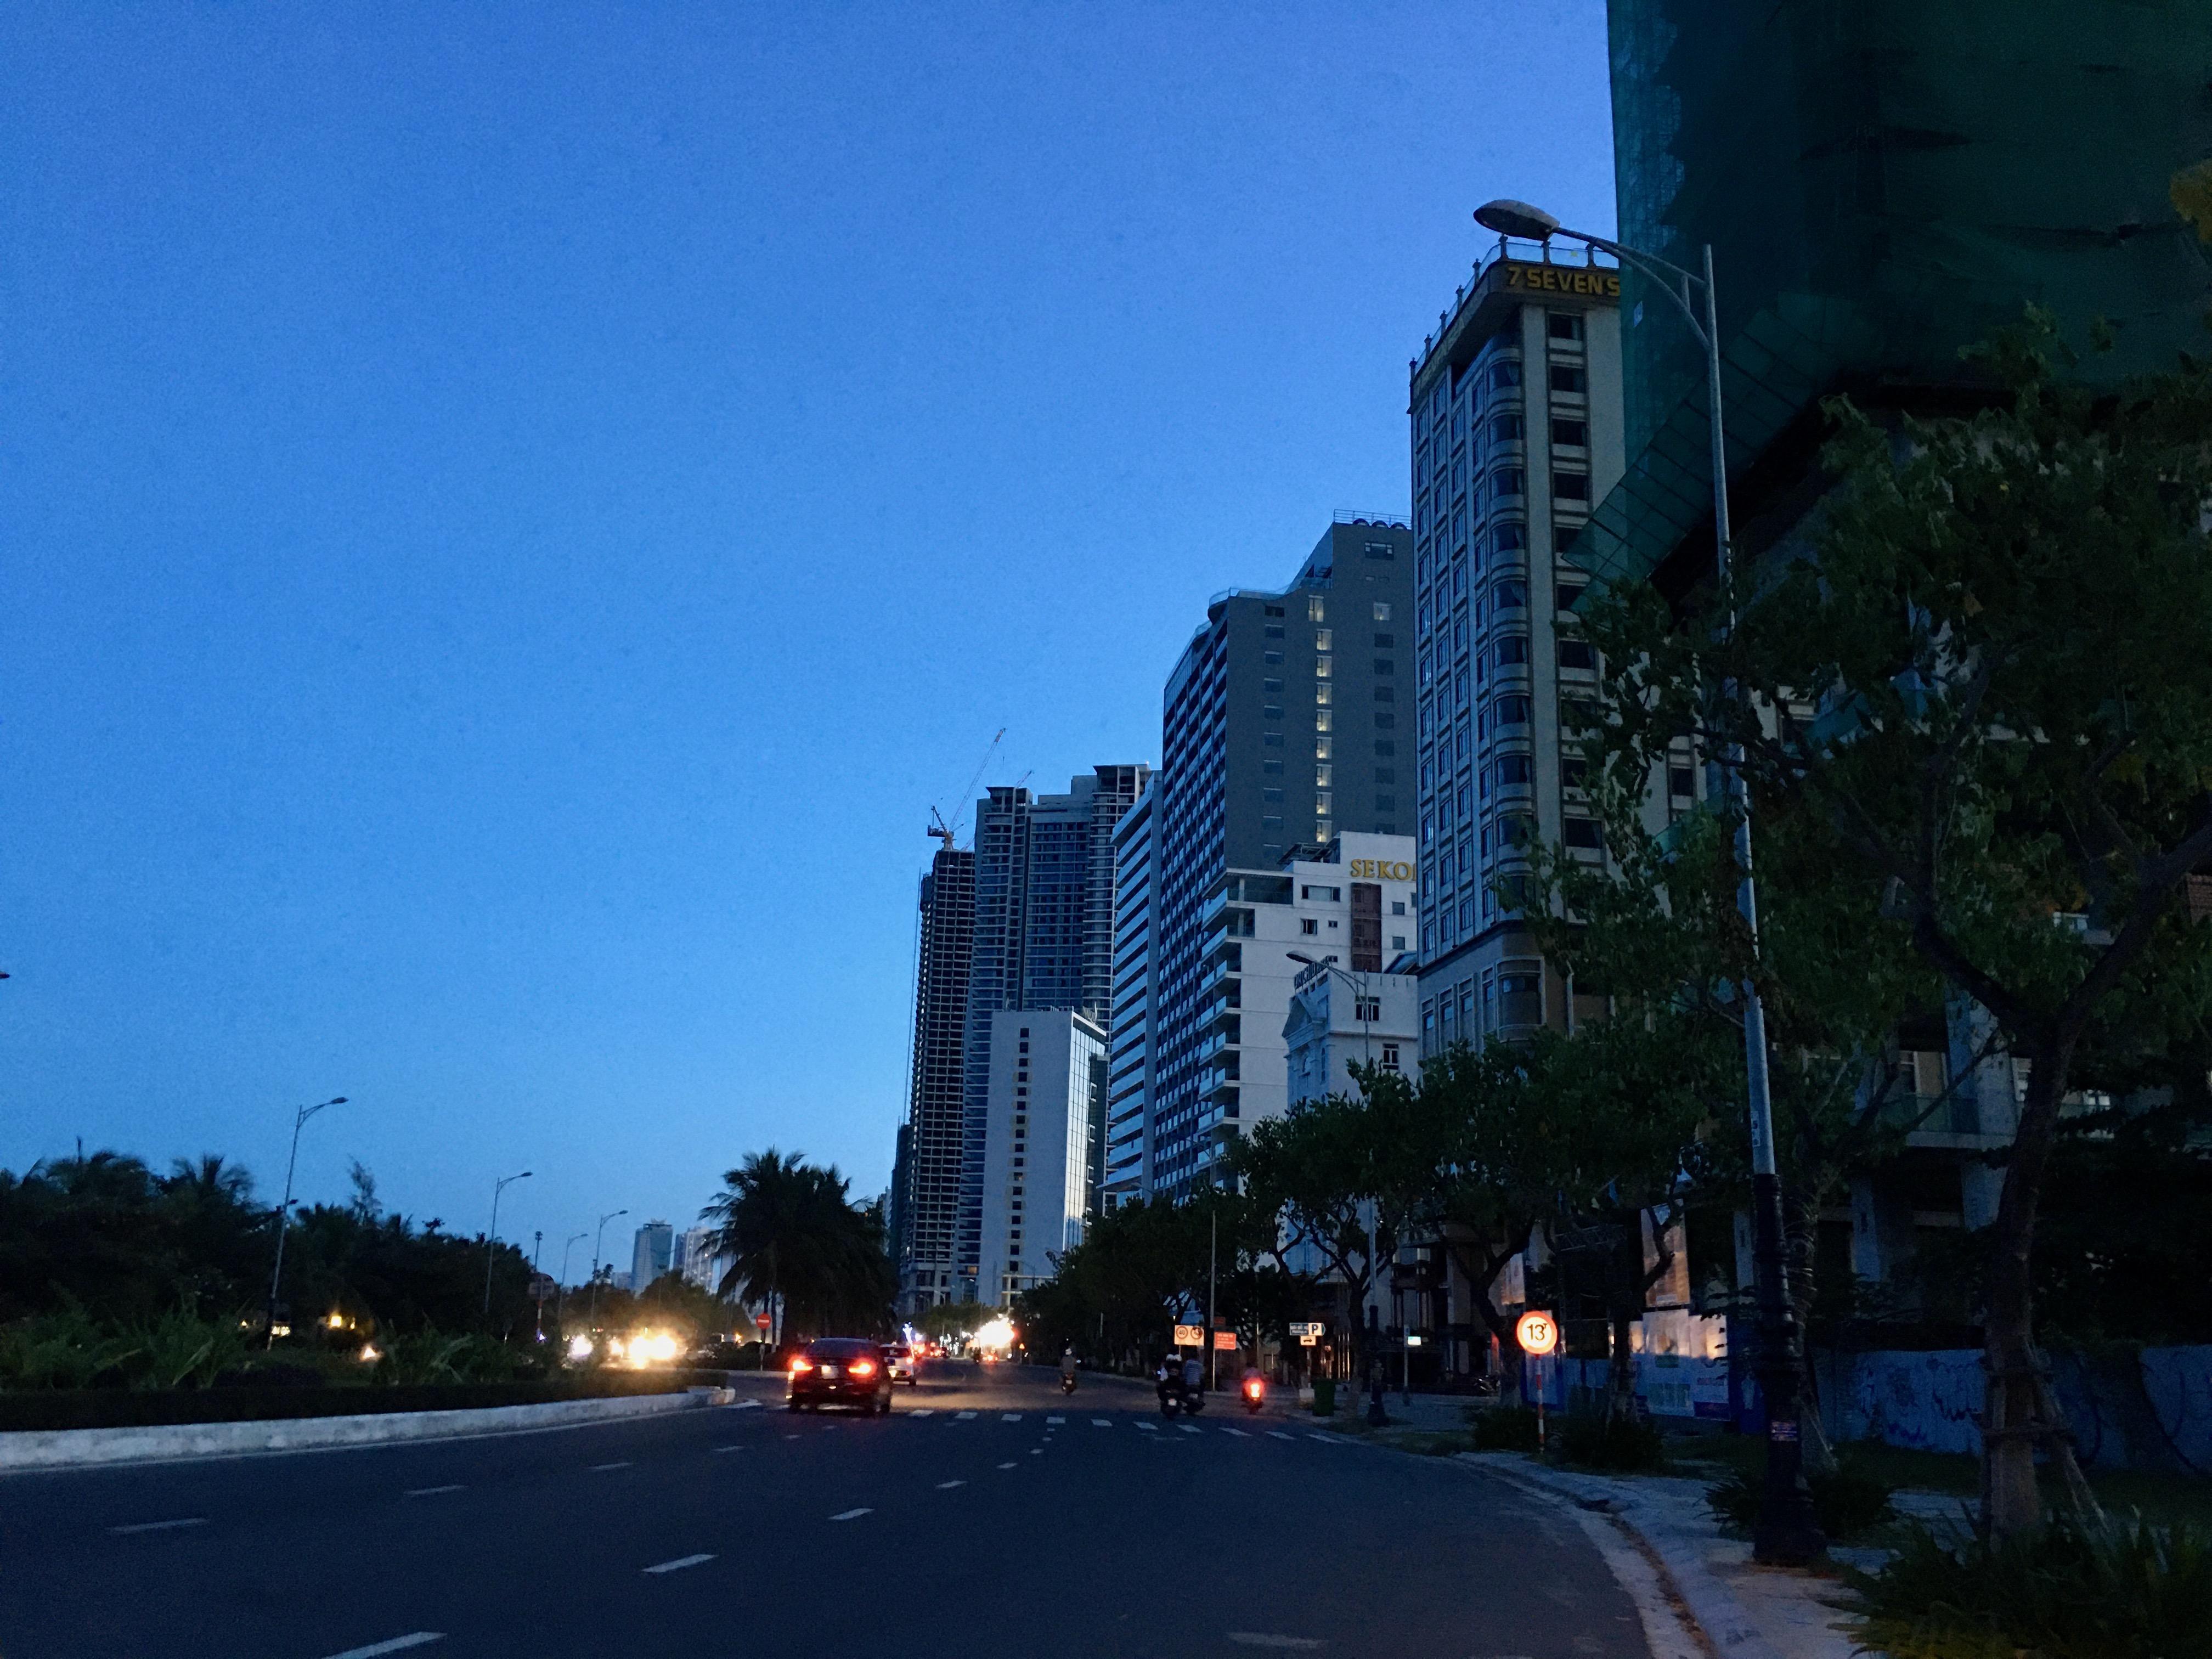 Phố khách sạn Đà Nẵng 'tối đèn', rao bán hàng trăm tỉ đồng - Ảnh 9.